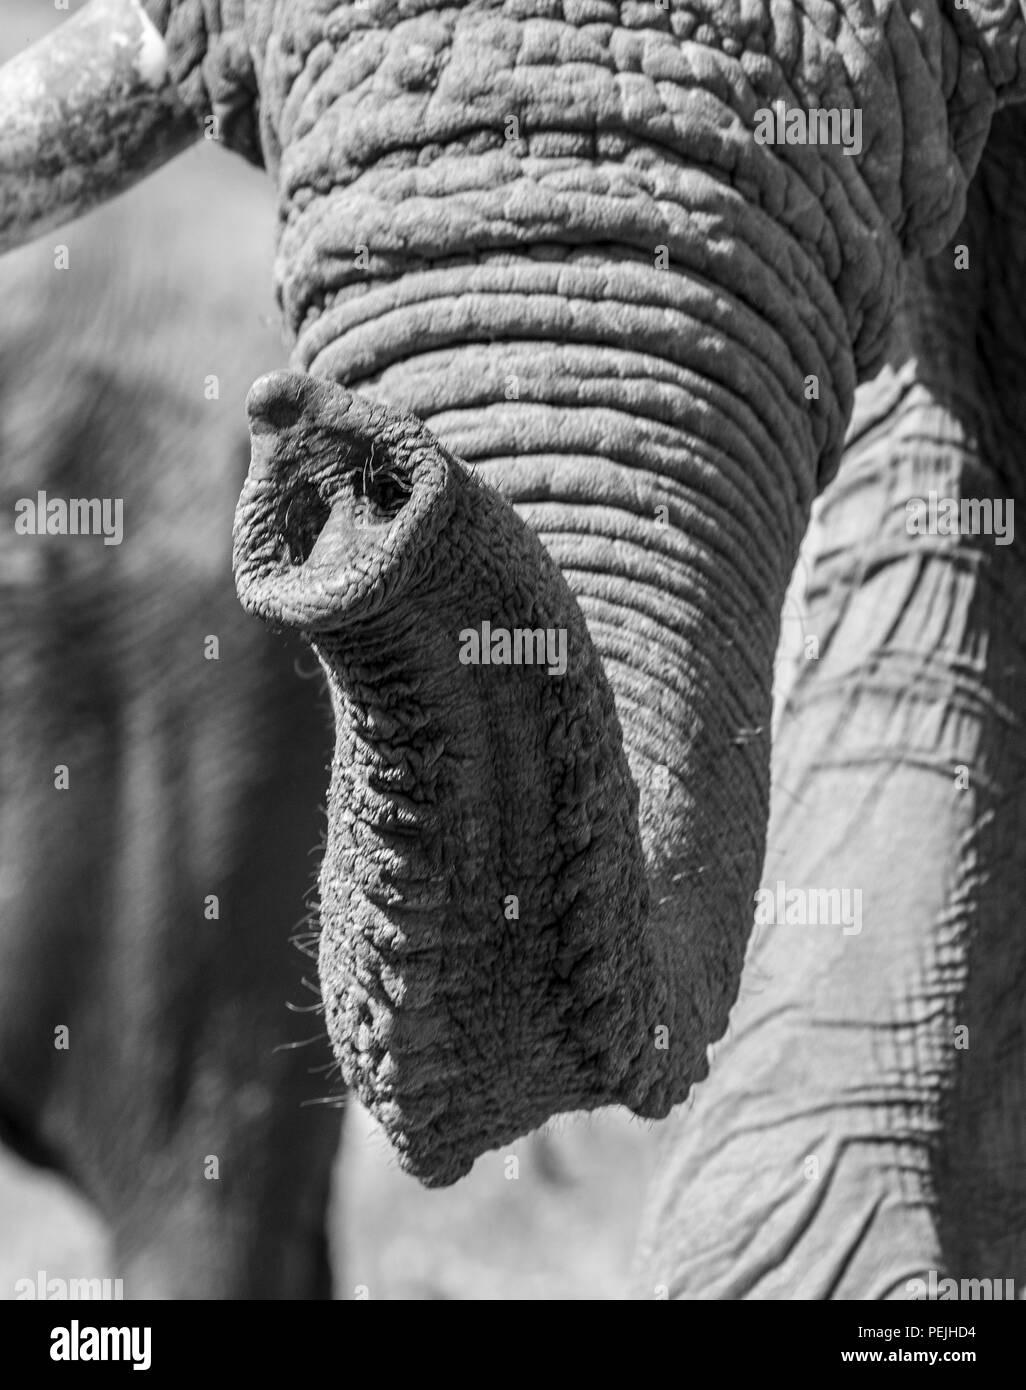 Close up of trunk of African elephant, Khwai Private Reserve elephant blind, Okavango Delta, Botswana - Stock Image